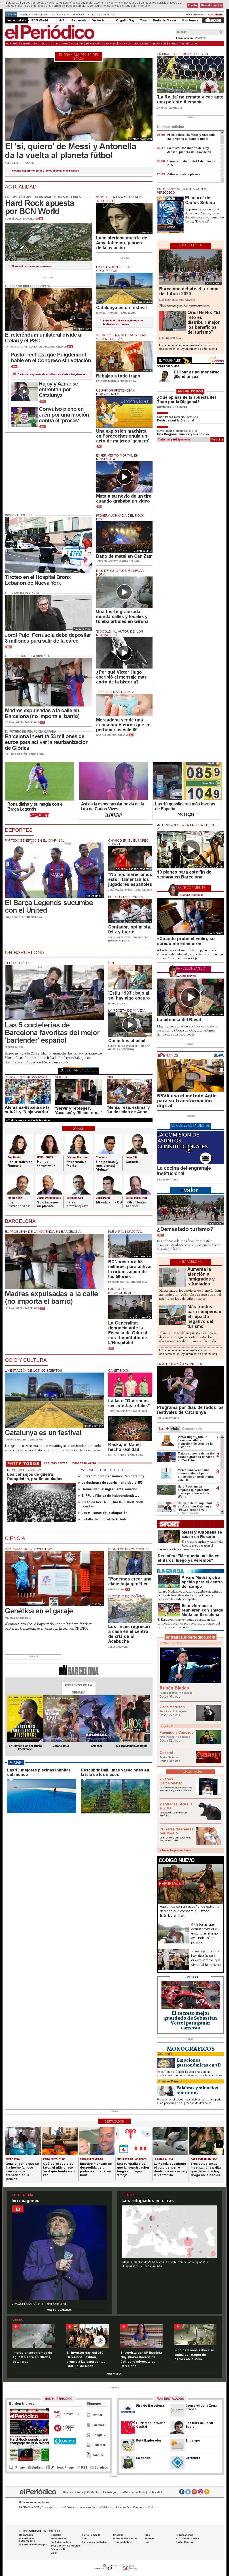 El Periodico at Saturday July 1, 2017, 1:16 a.m. UTC